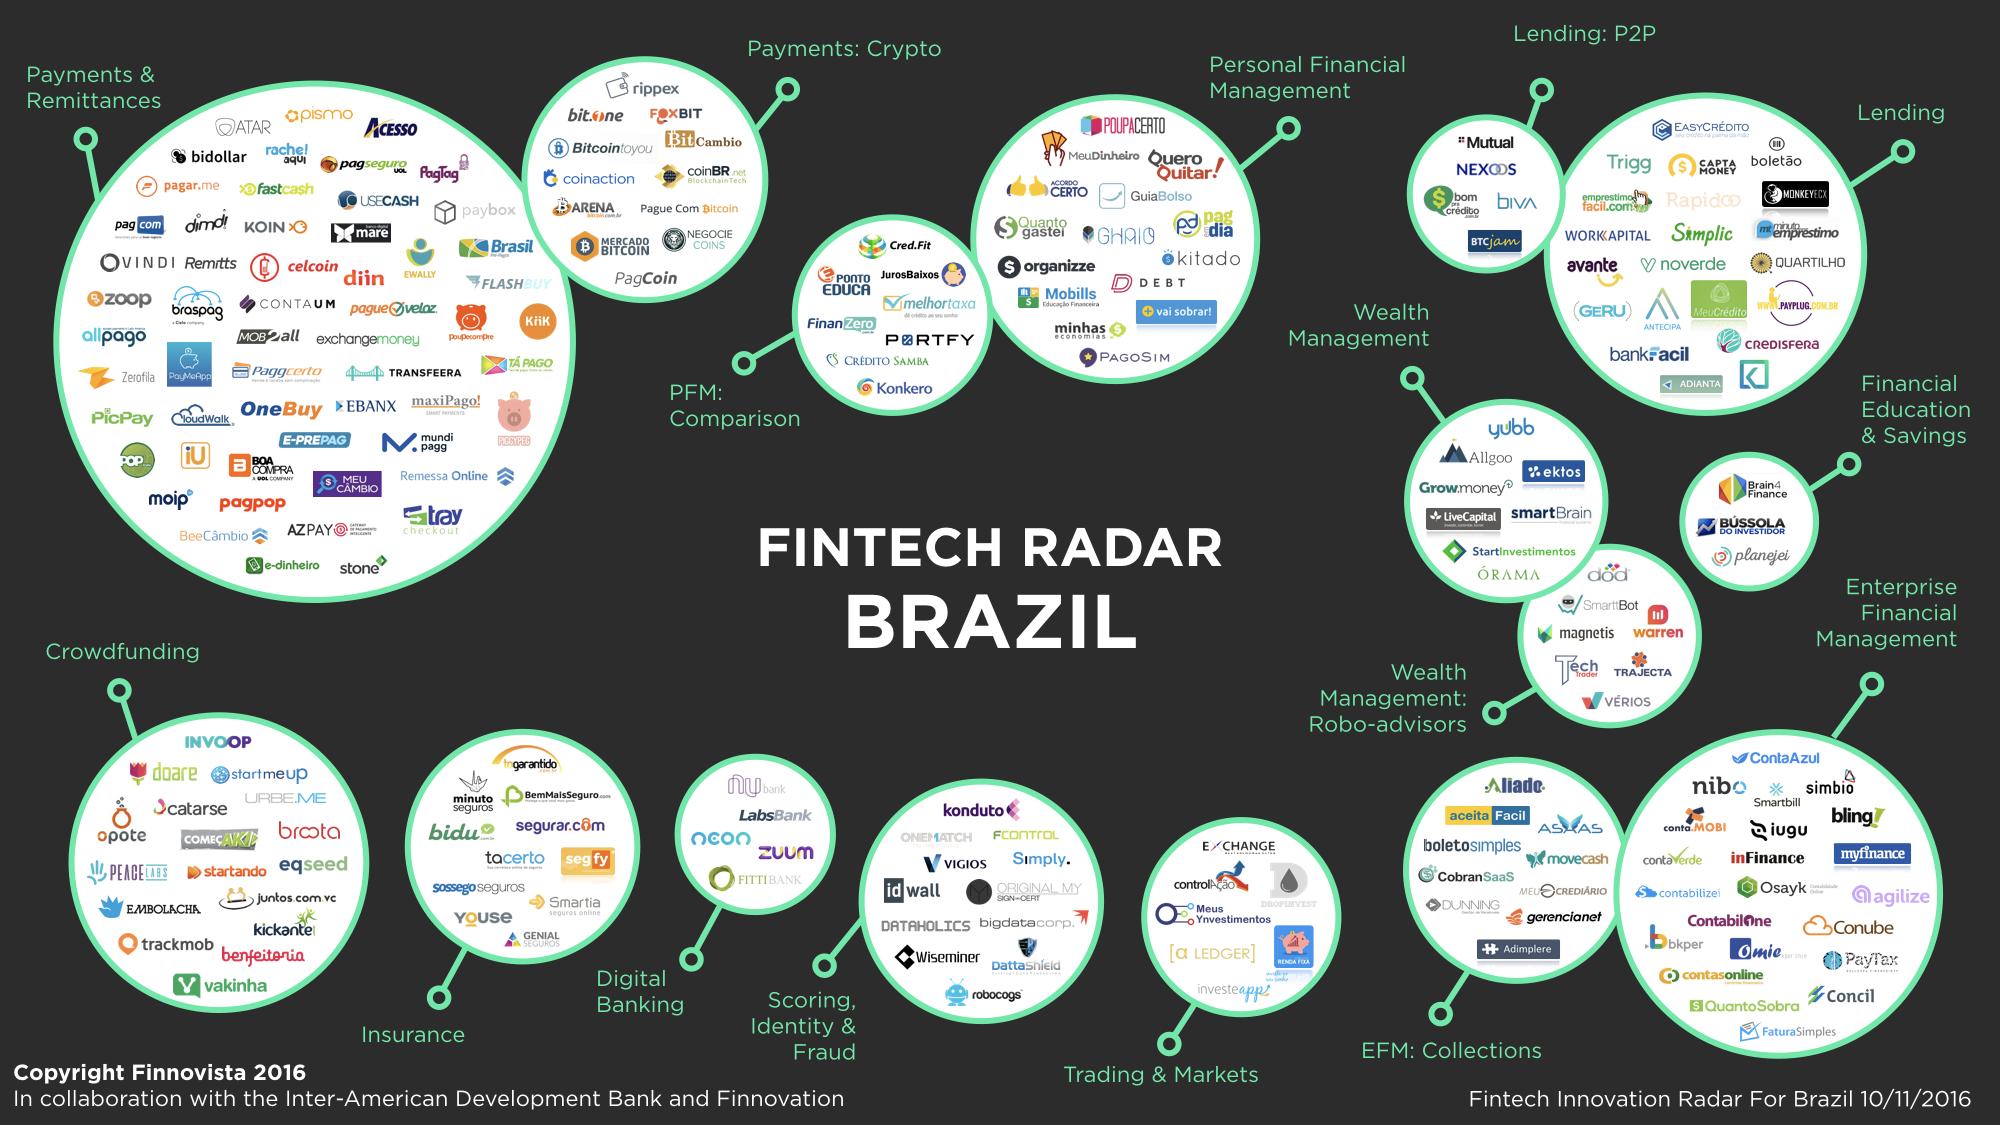 Fintech Radar Brasil